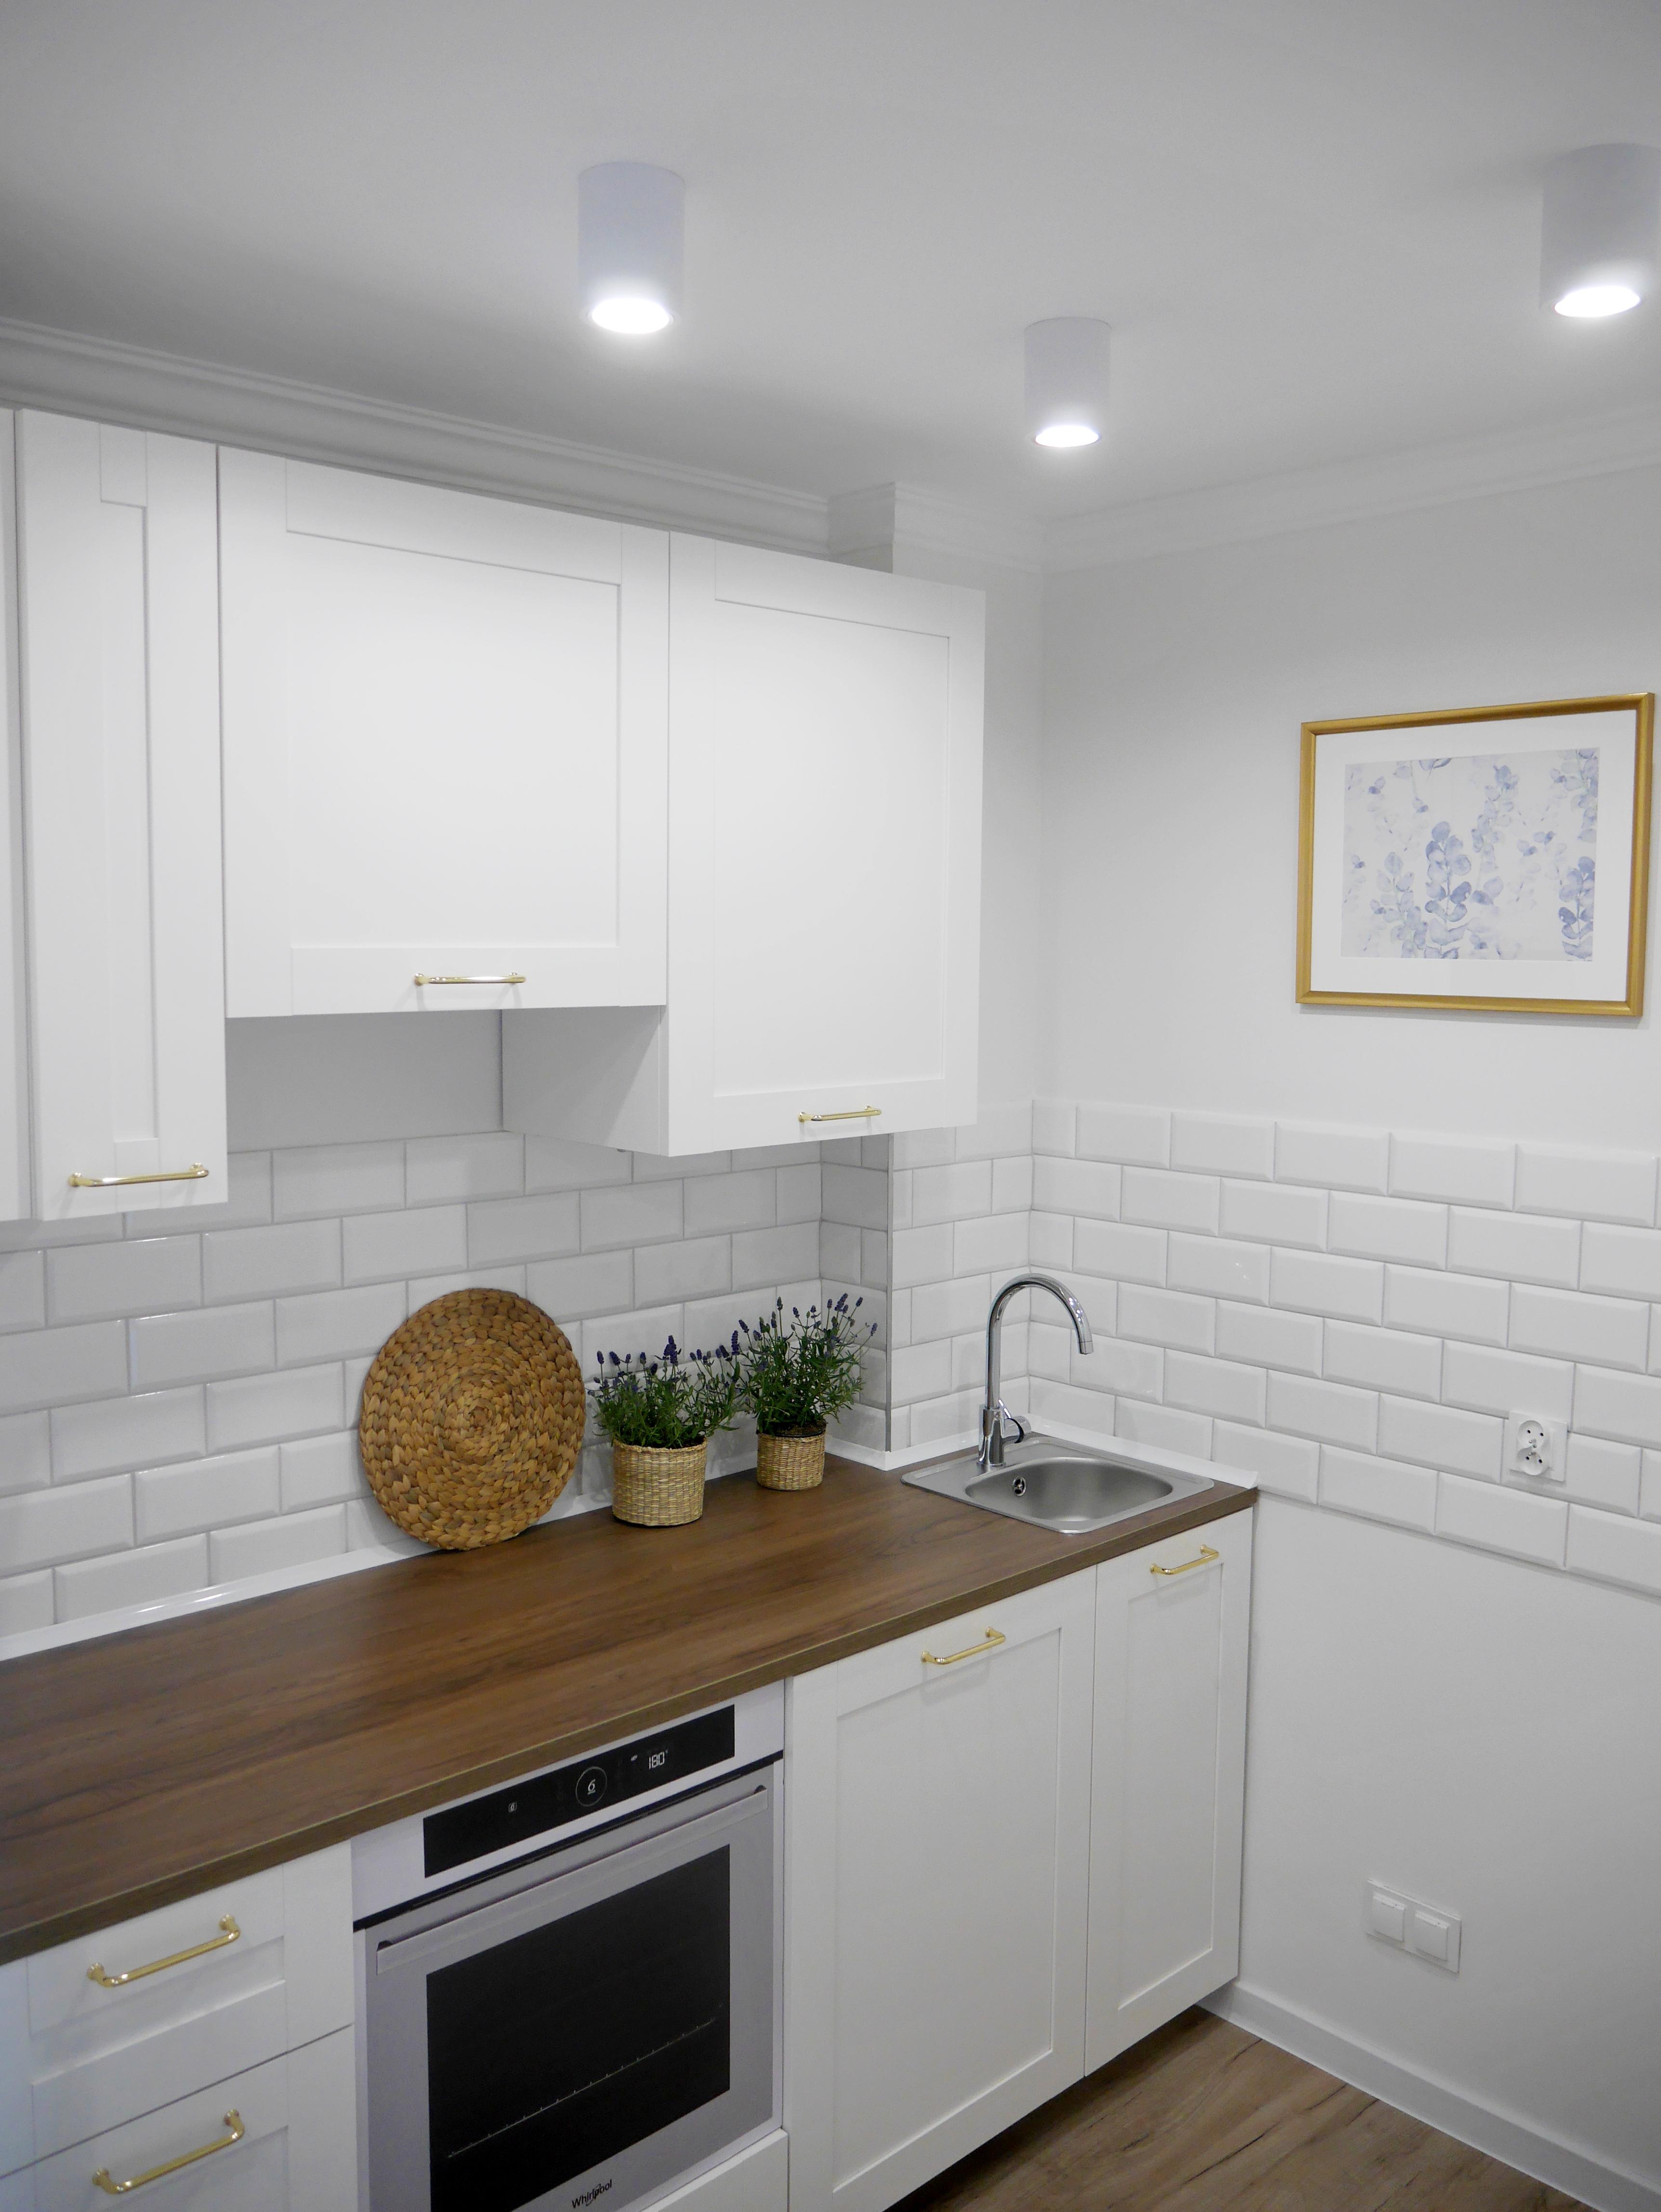 Jakie fronty kuchenne wybrać by kuchnia służyła nam na lata? Rodzaje frontów kuchennych: lakierowane, akrylowe, foliowane, laminowane